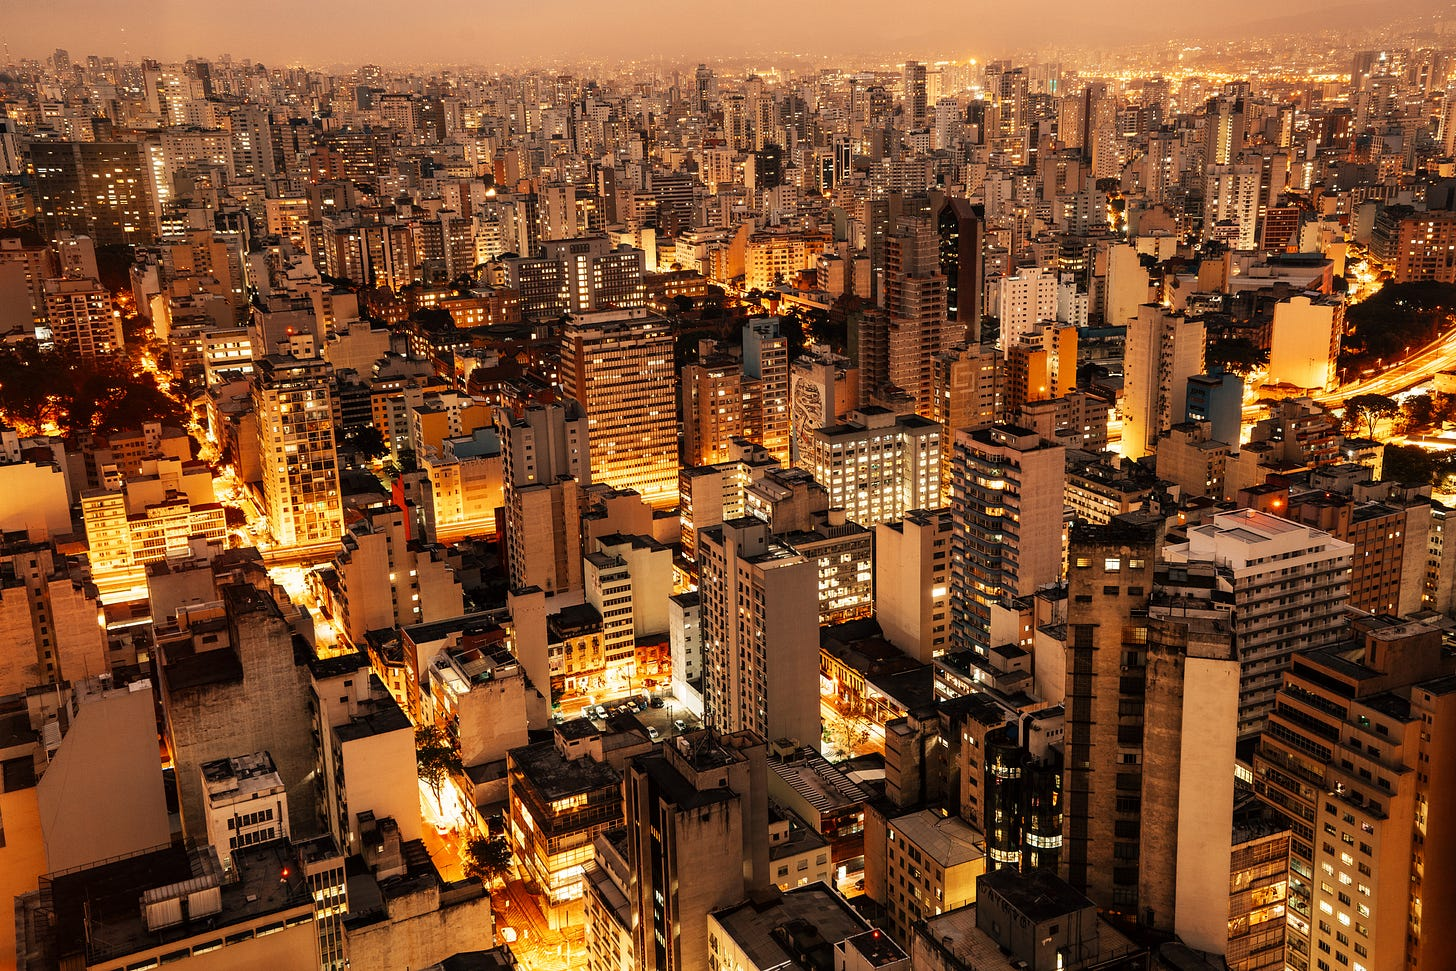 Imagem aérea noturna de São Paulo.